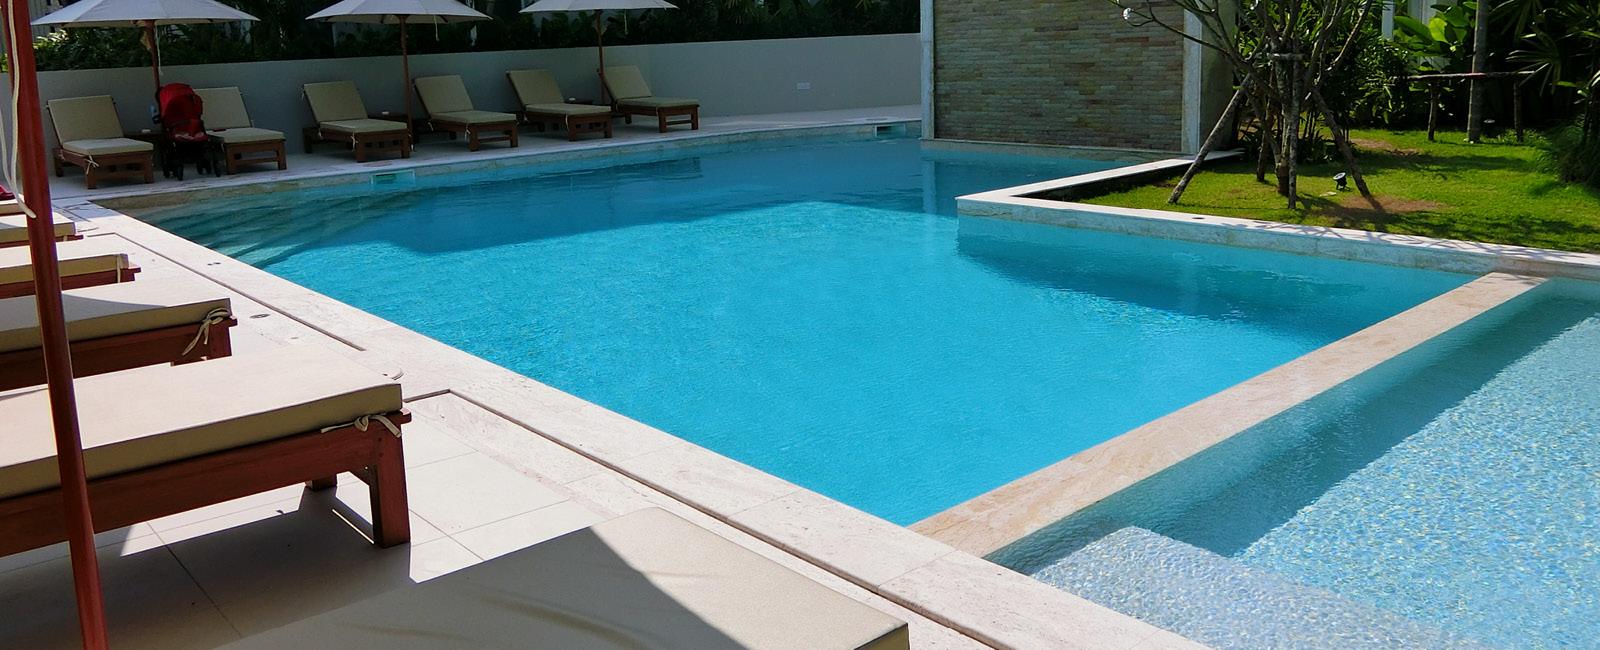 Paradise Pool Interiors Sliders 20